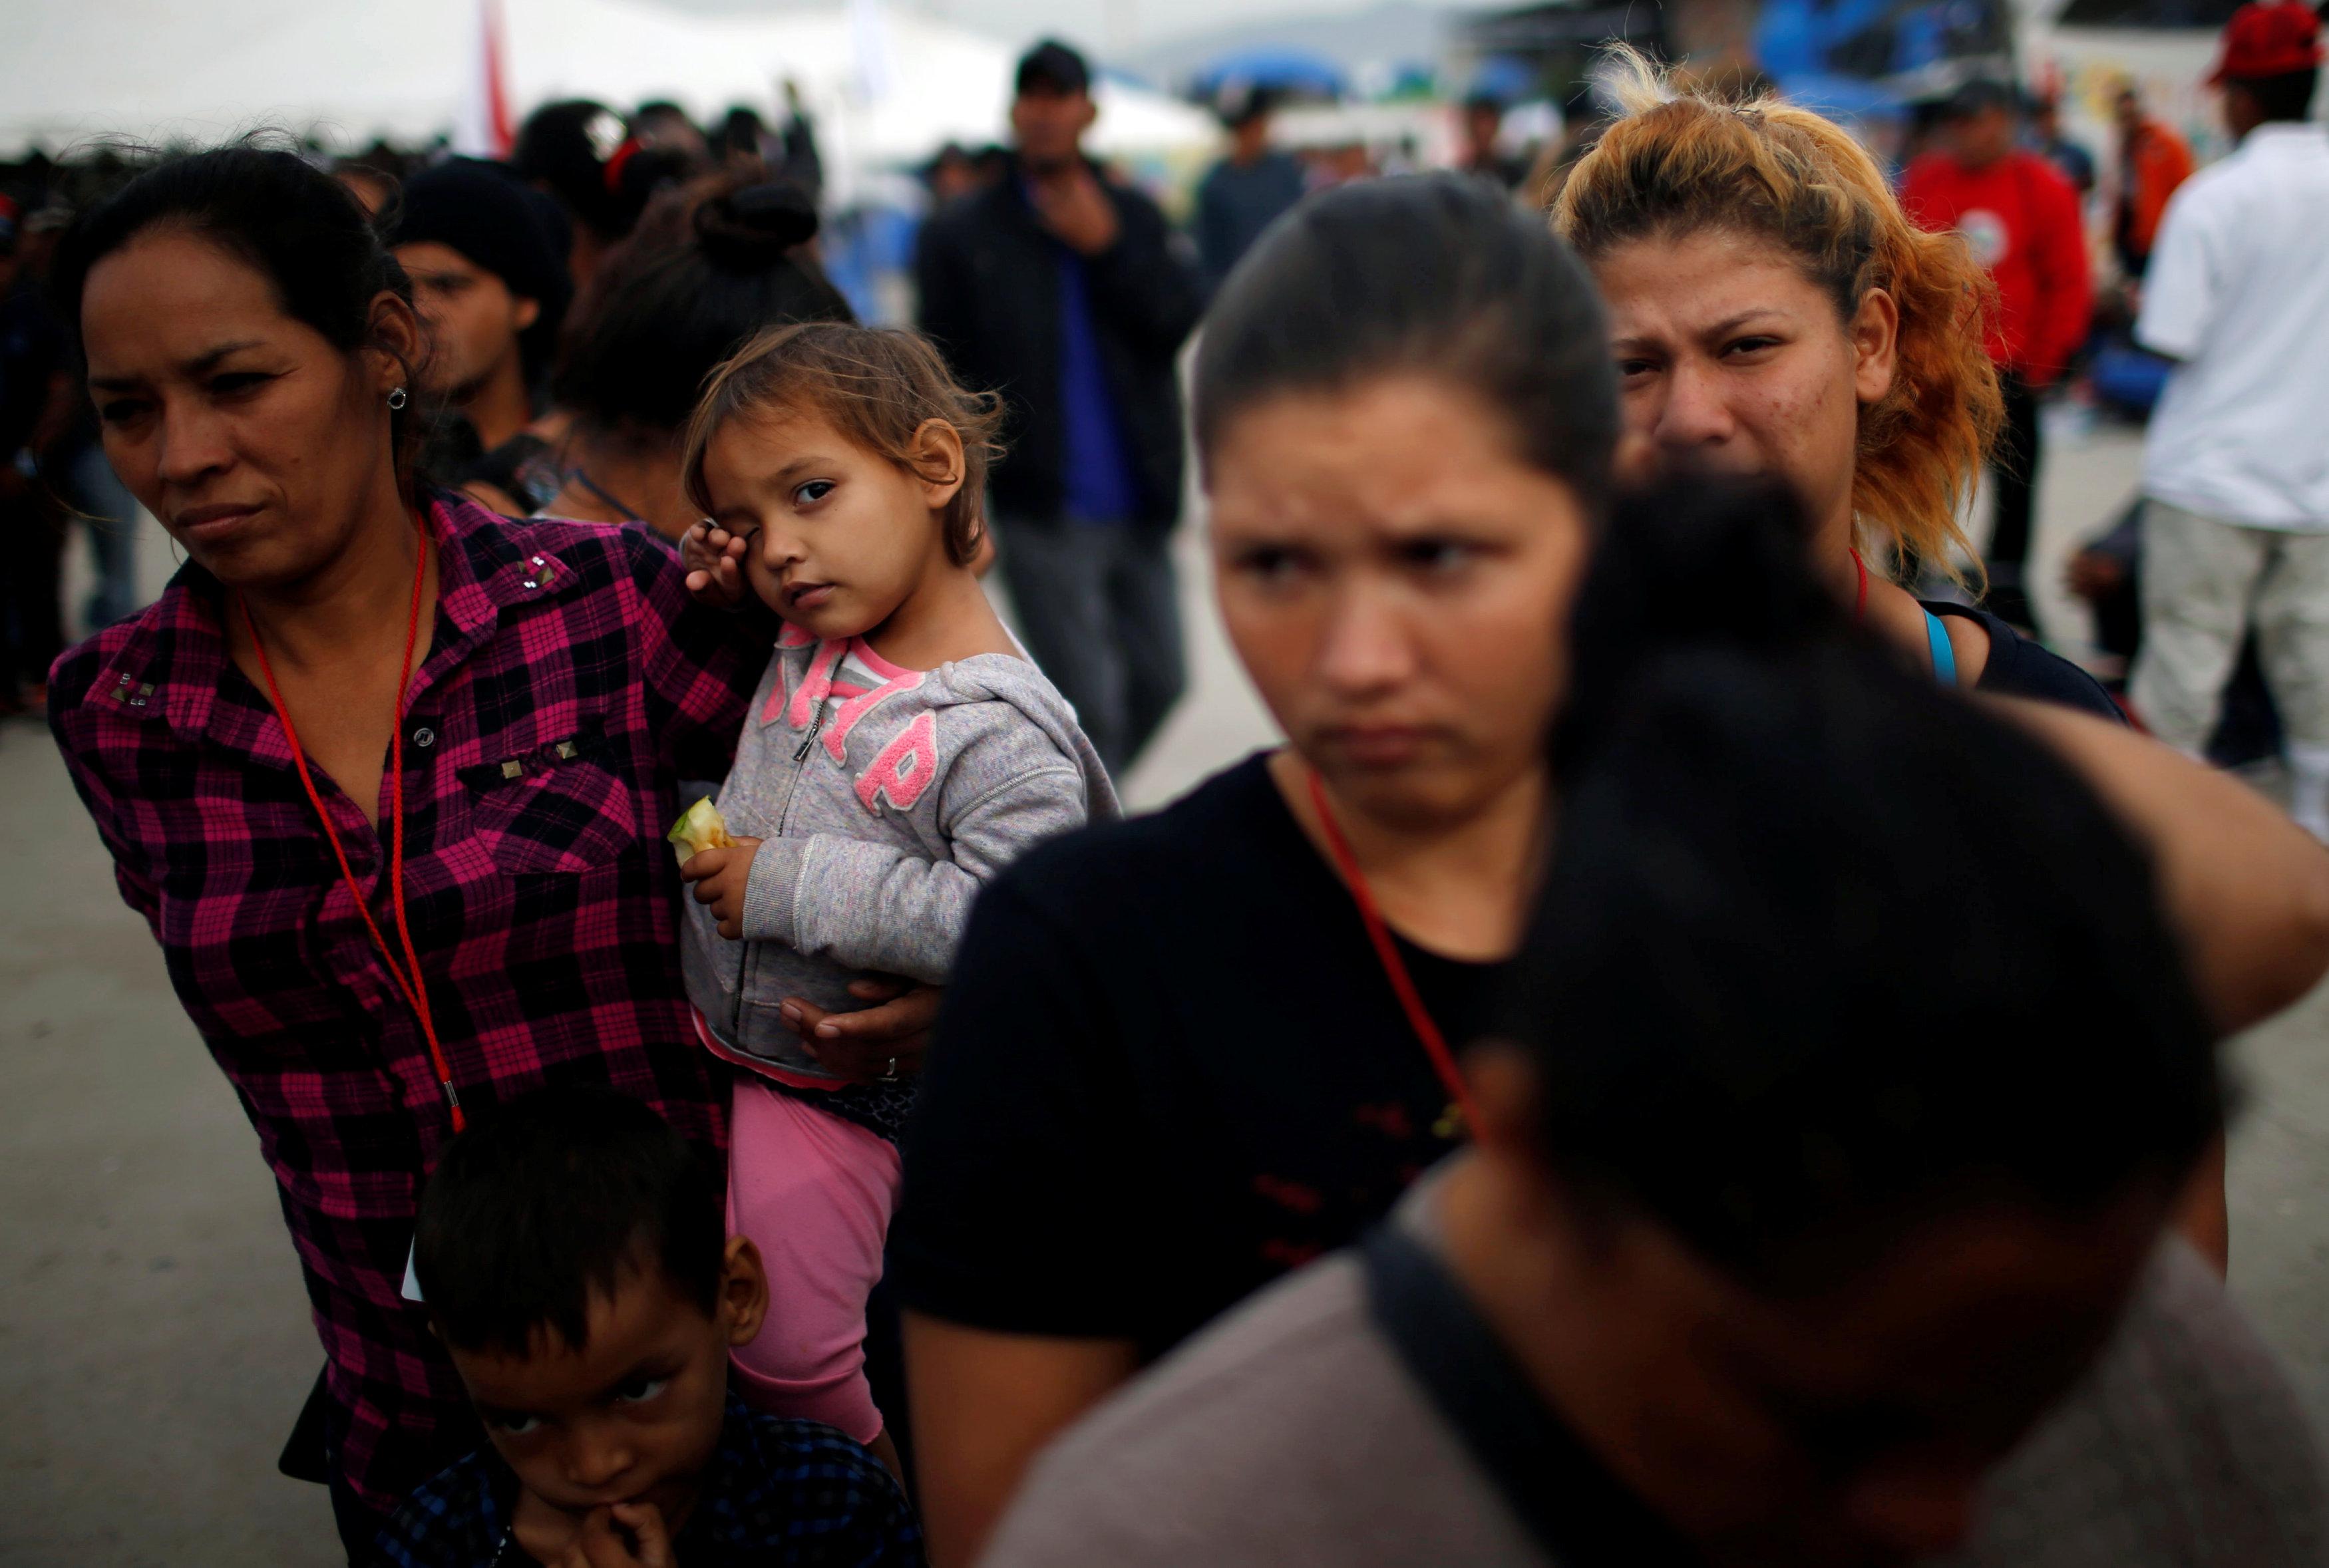 اعتقال مهاجرين على الجانب الأمريكى من الحدود مع المكسيك  (3)